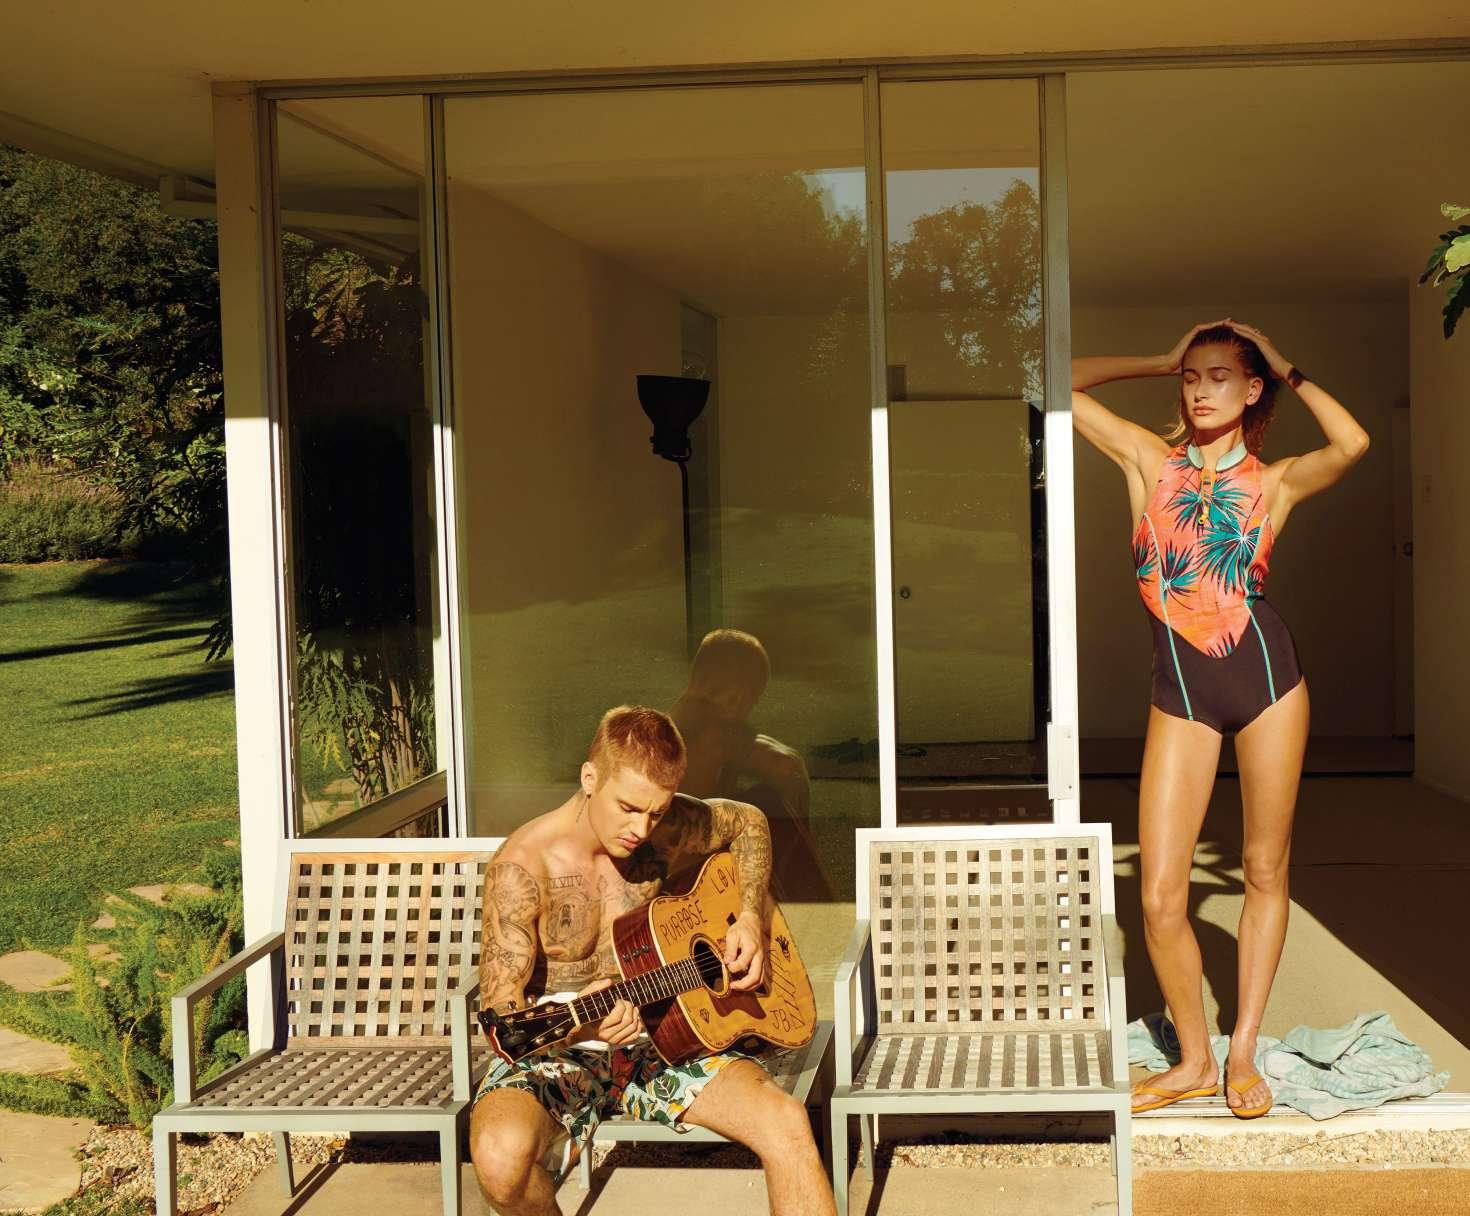 Жастин Бибер: Хейли миний амьдралыг өөрчилсөн